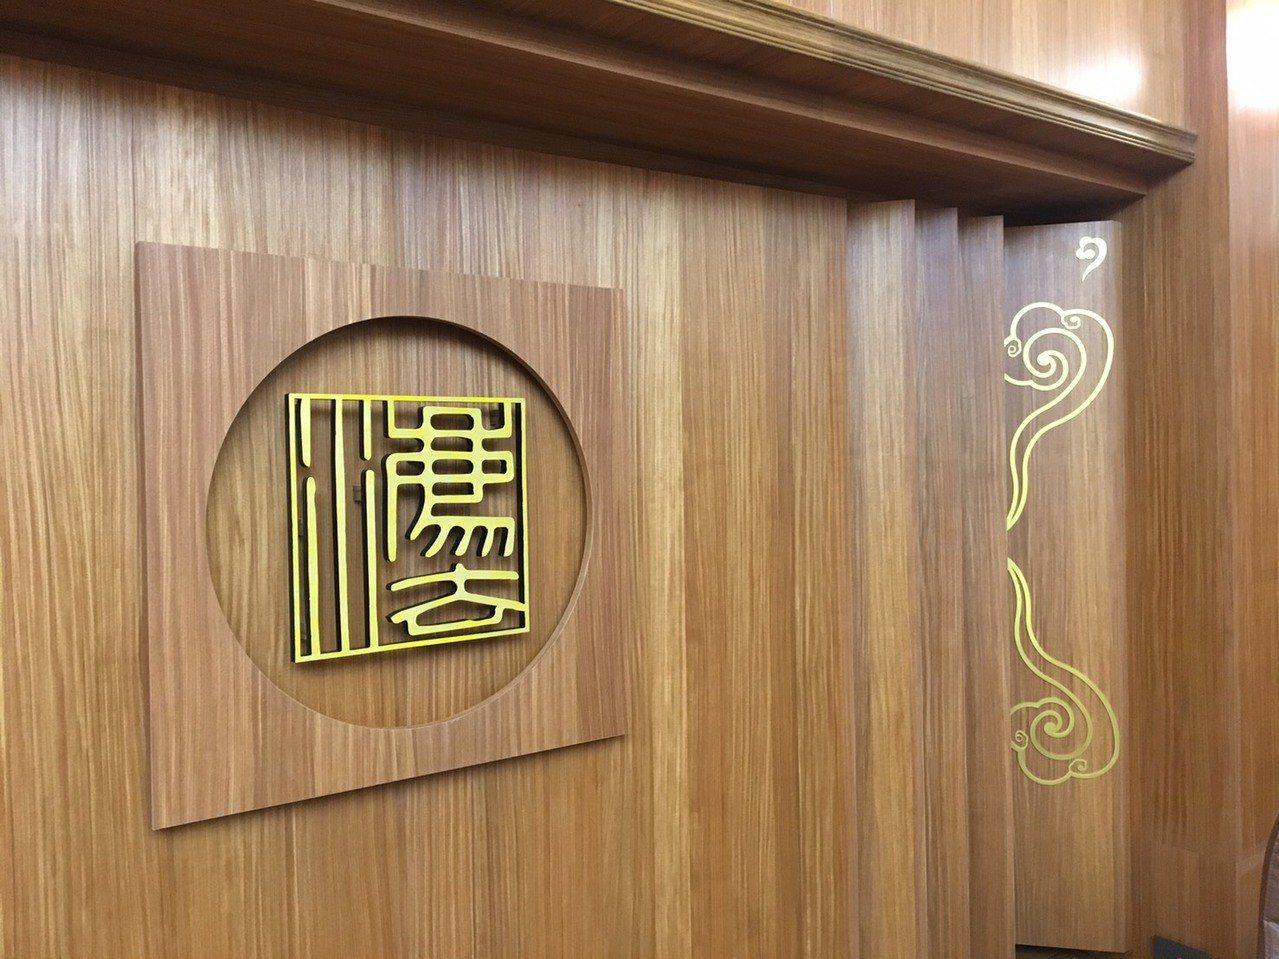 法庭兩旁均有內方外圓的法字,一旁有雲耳造型,勉勵司法人做人做事要有原則,也要傾聽...